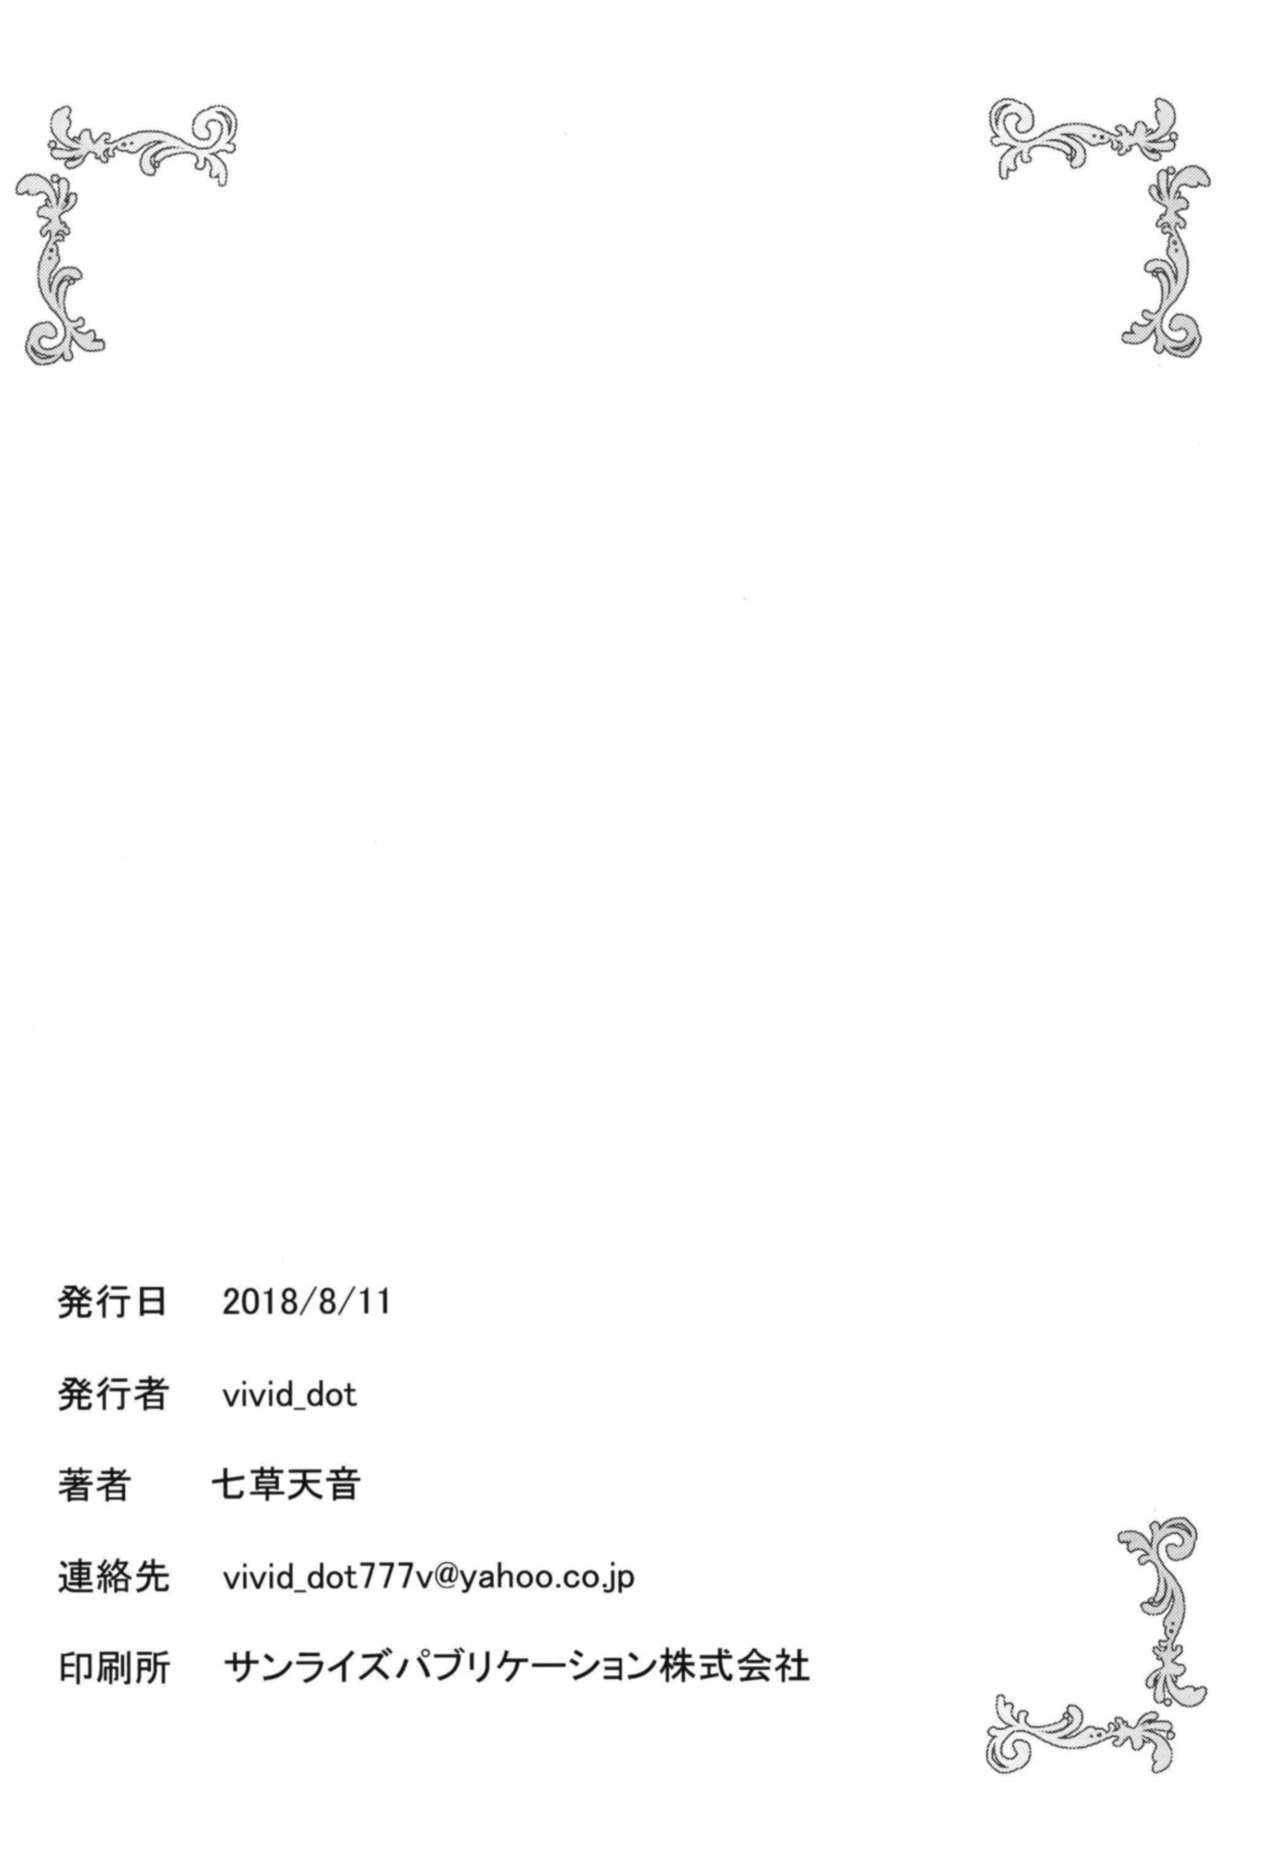 KokoSharo de Yuri ni Mezameru Hon | A Book Where CocoSyaro Awaken to Yuri 2